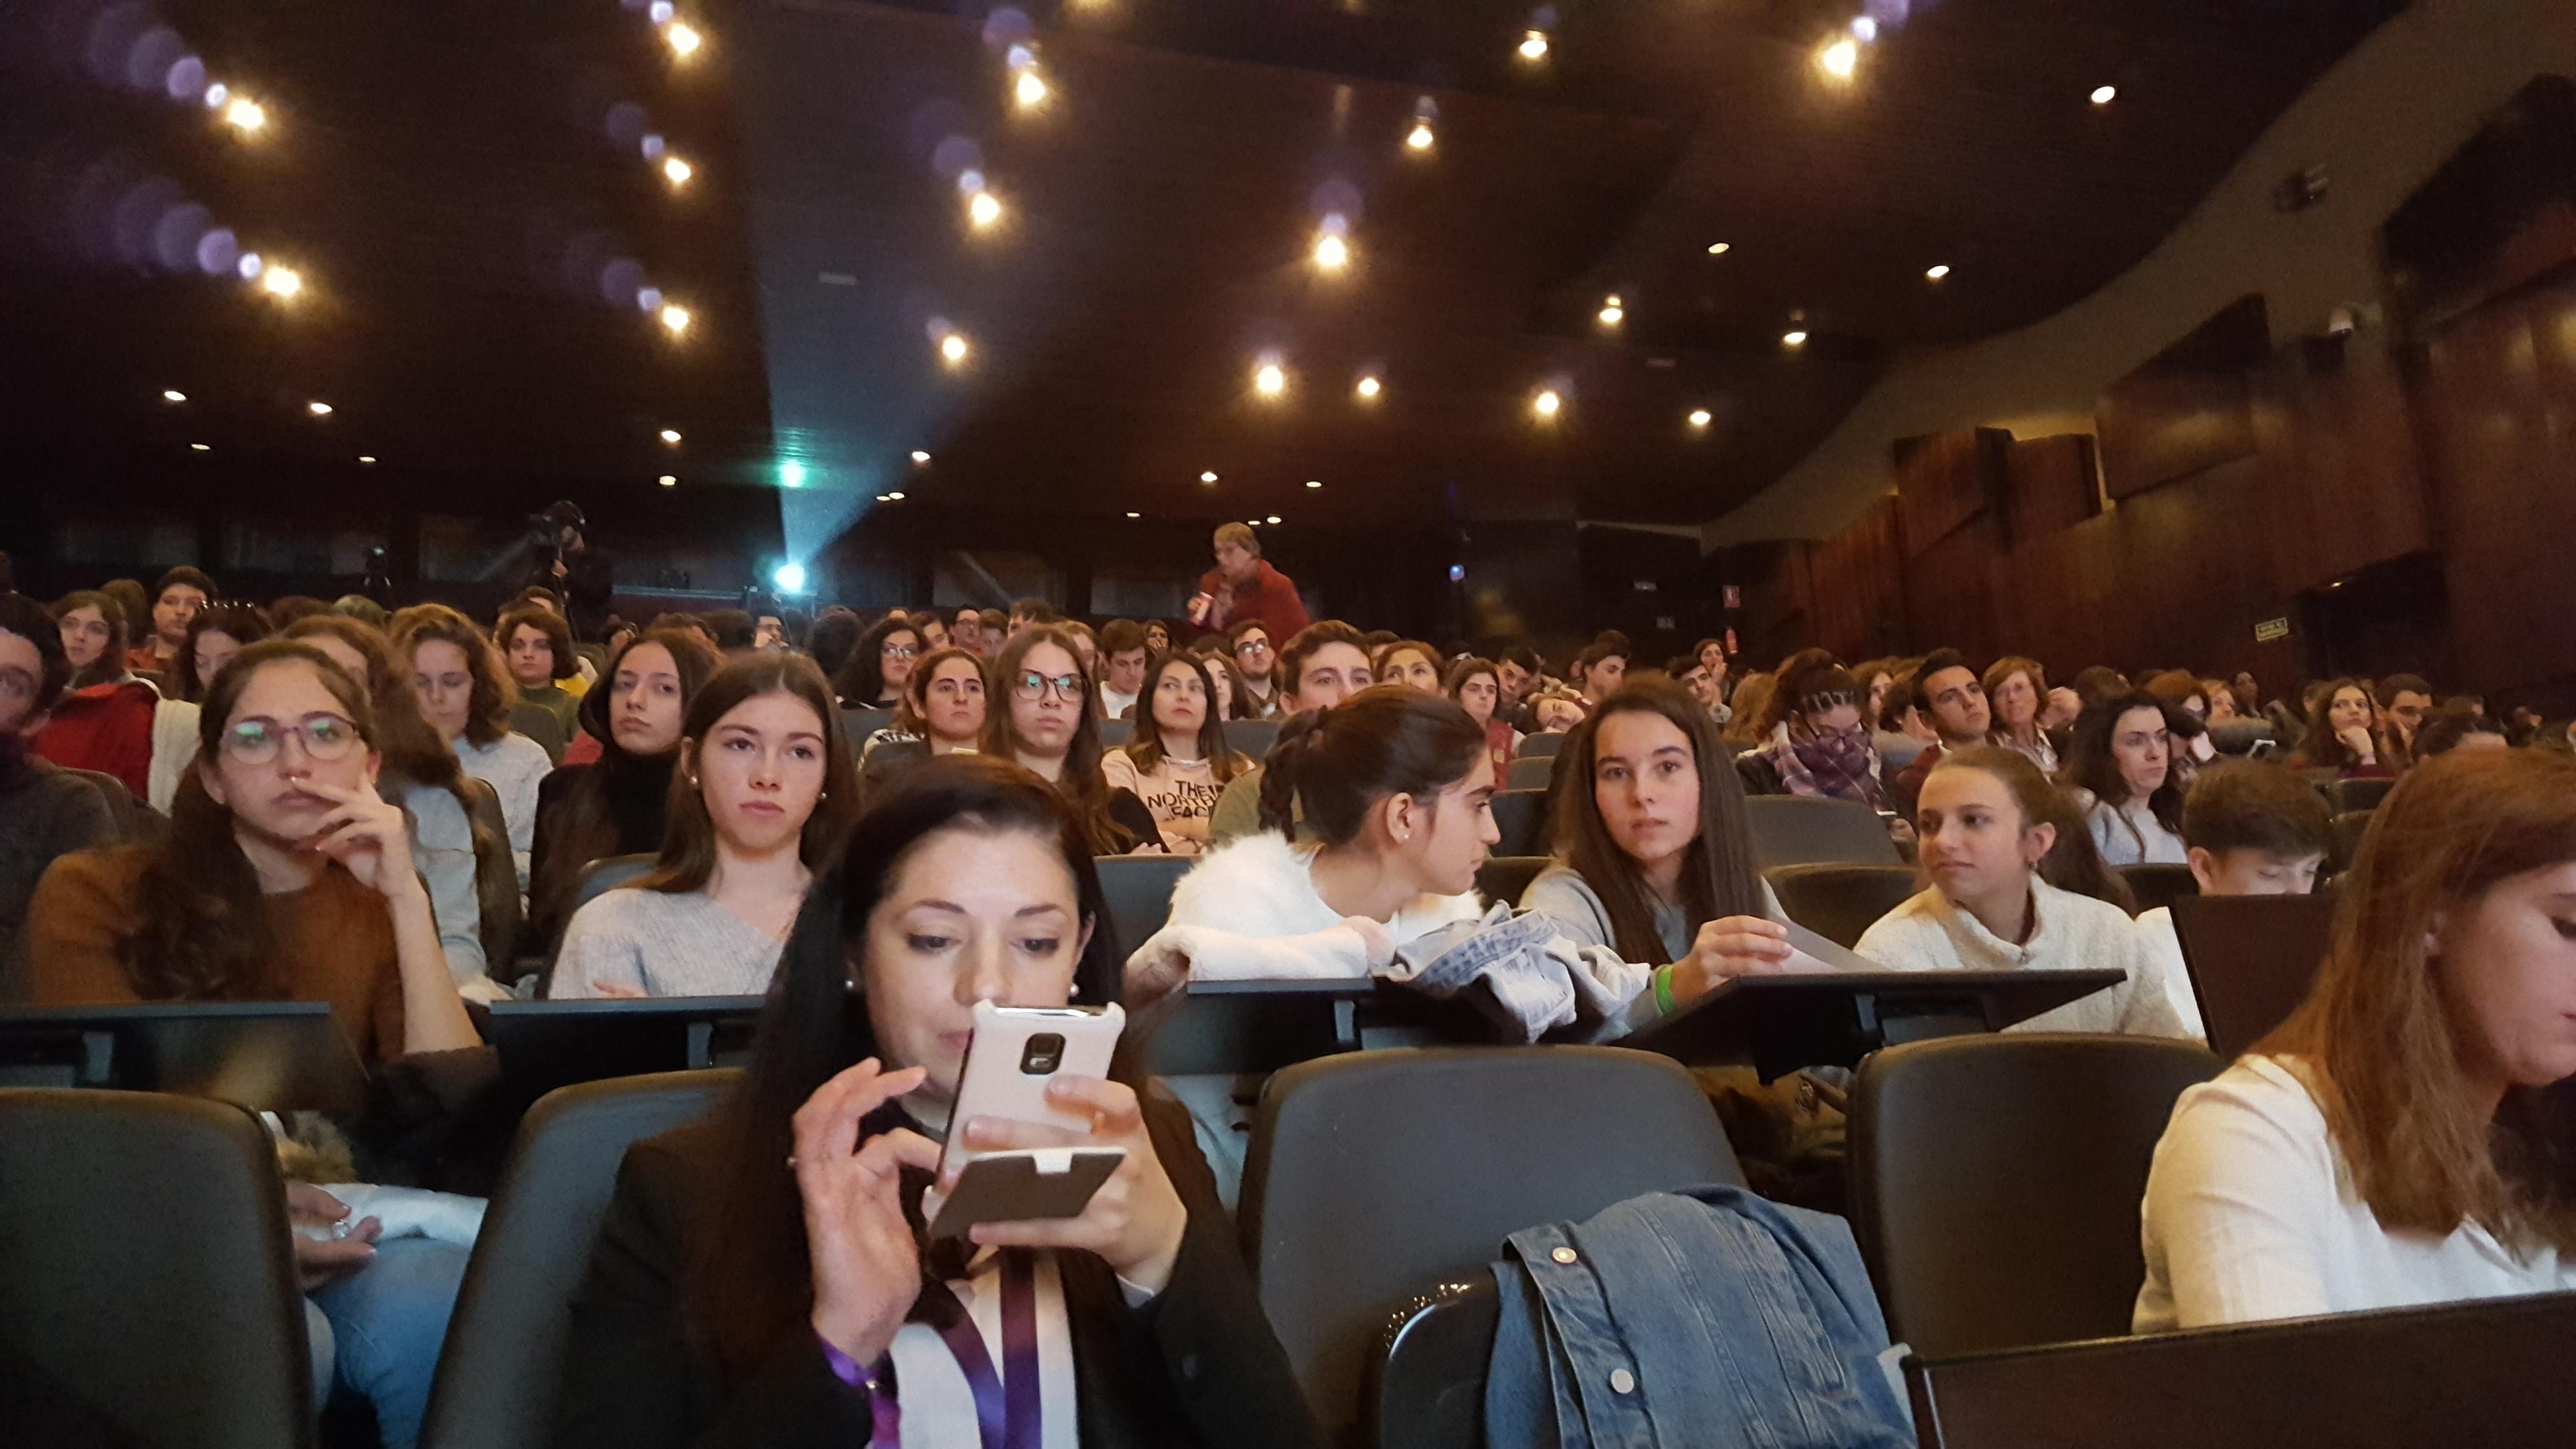 Momento del evento. Foto: TW.